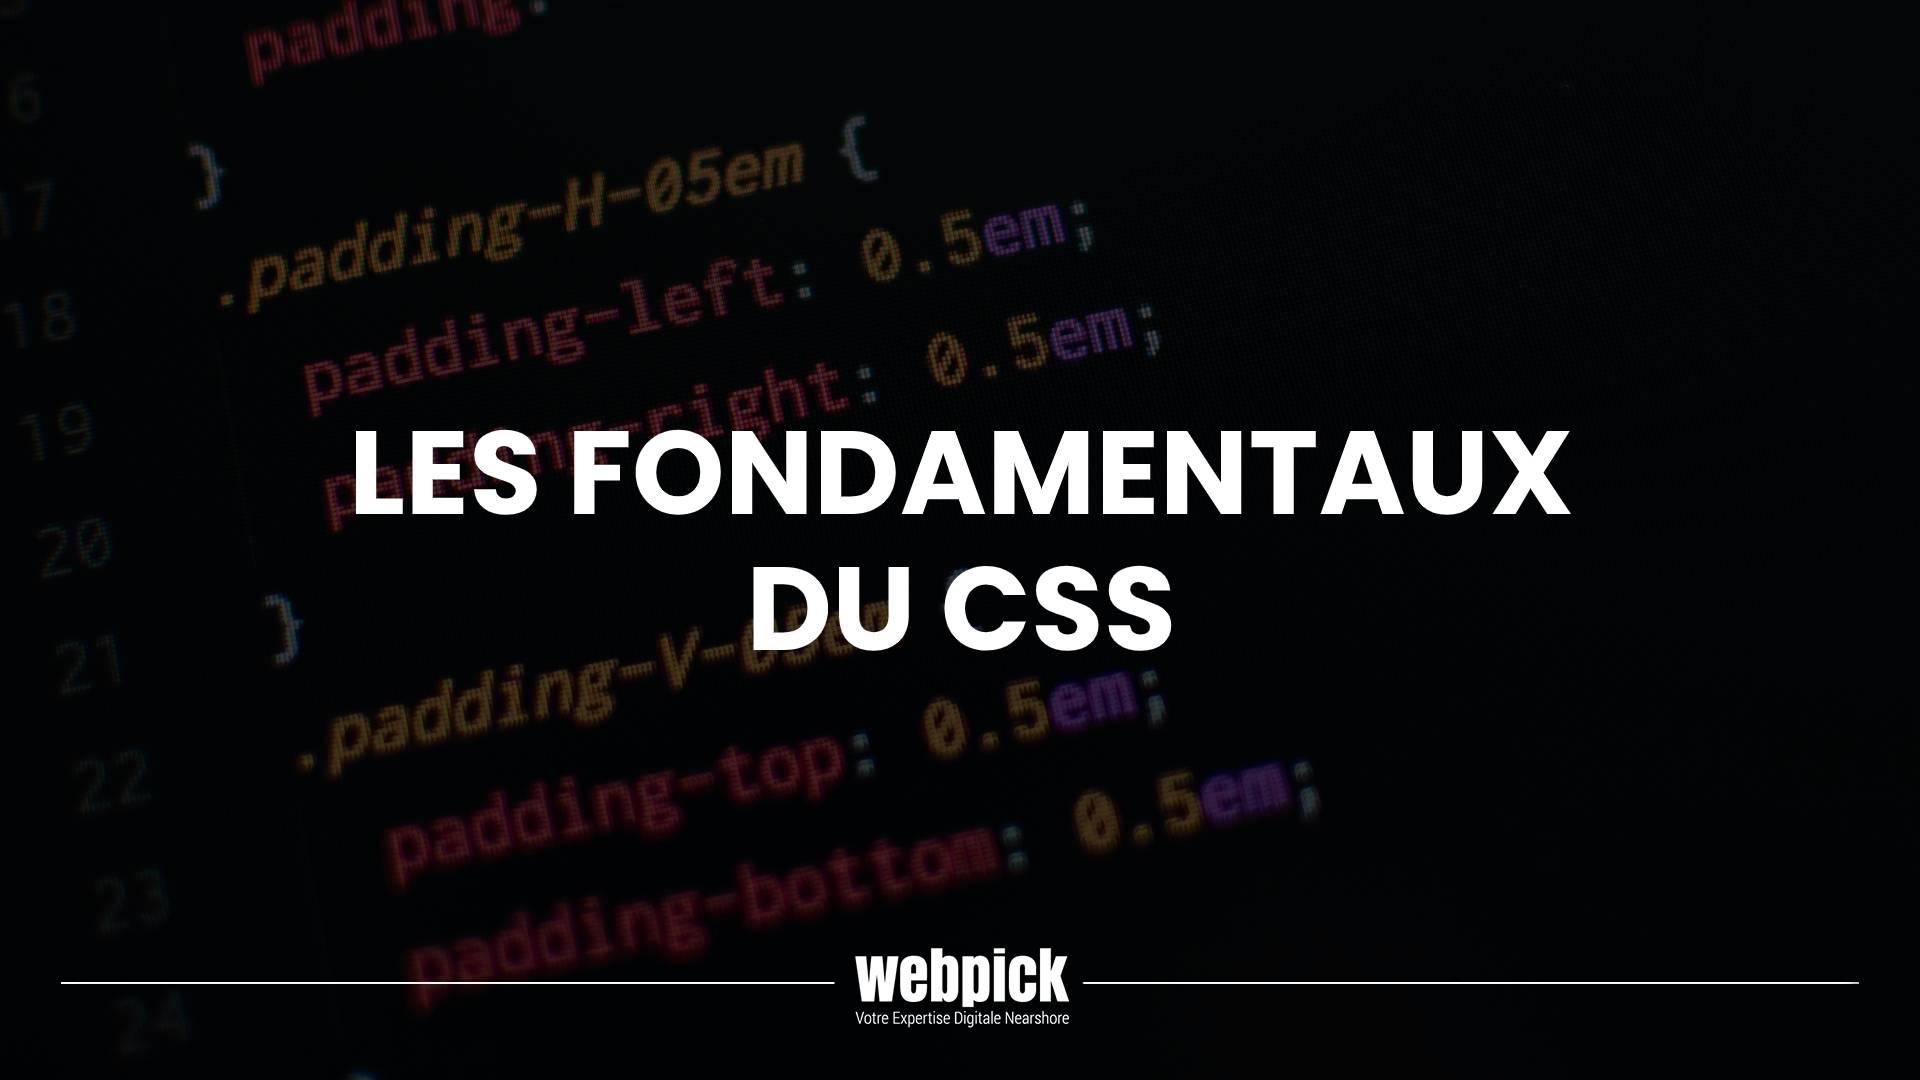 Les Fondamentaux du CSS